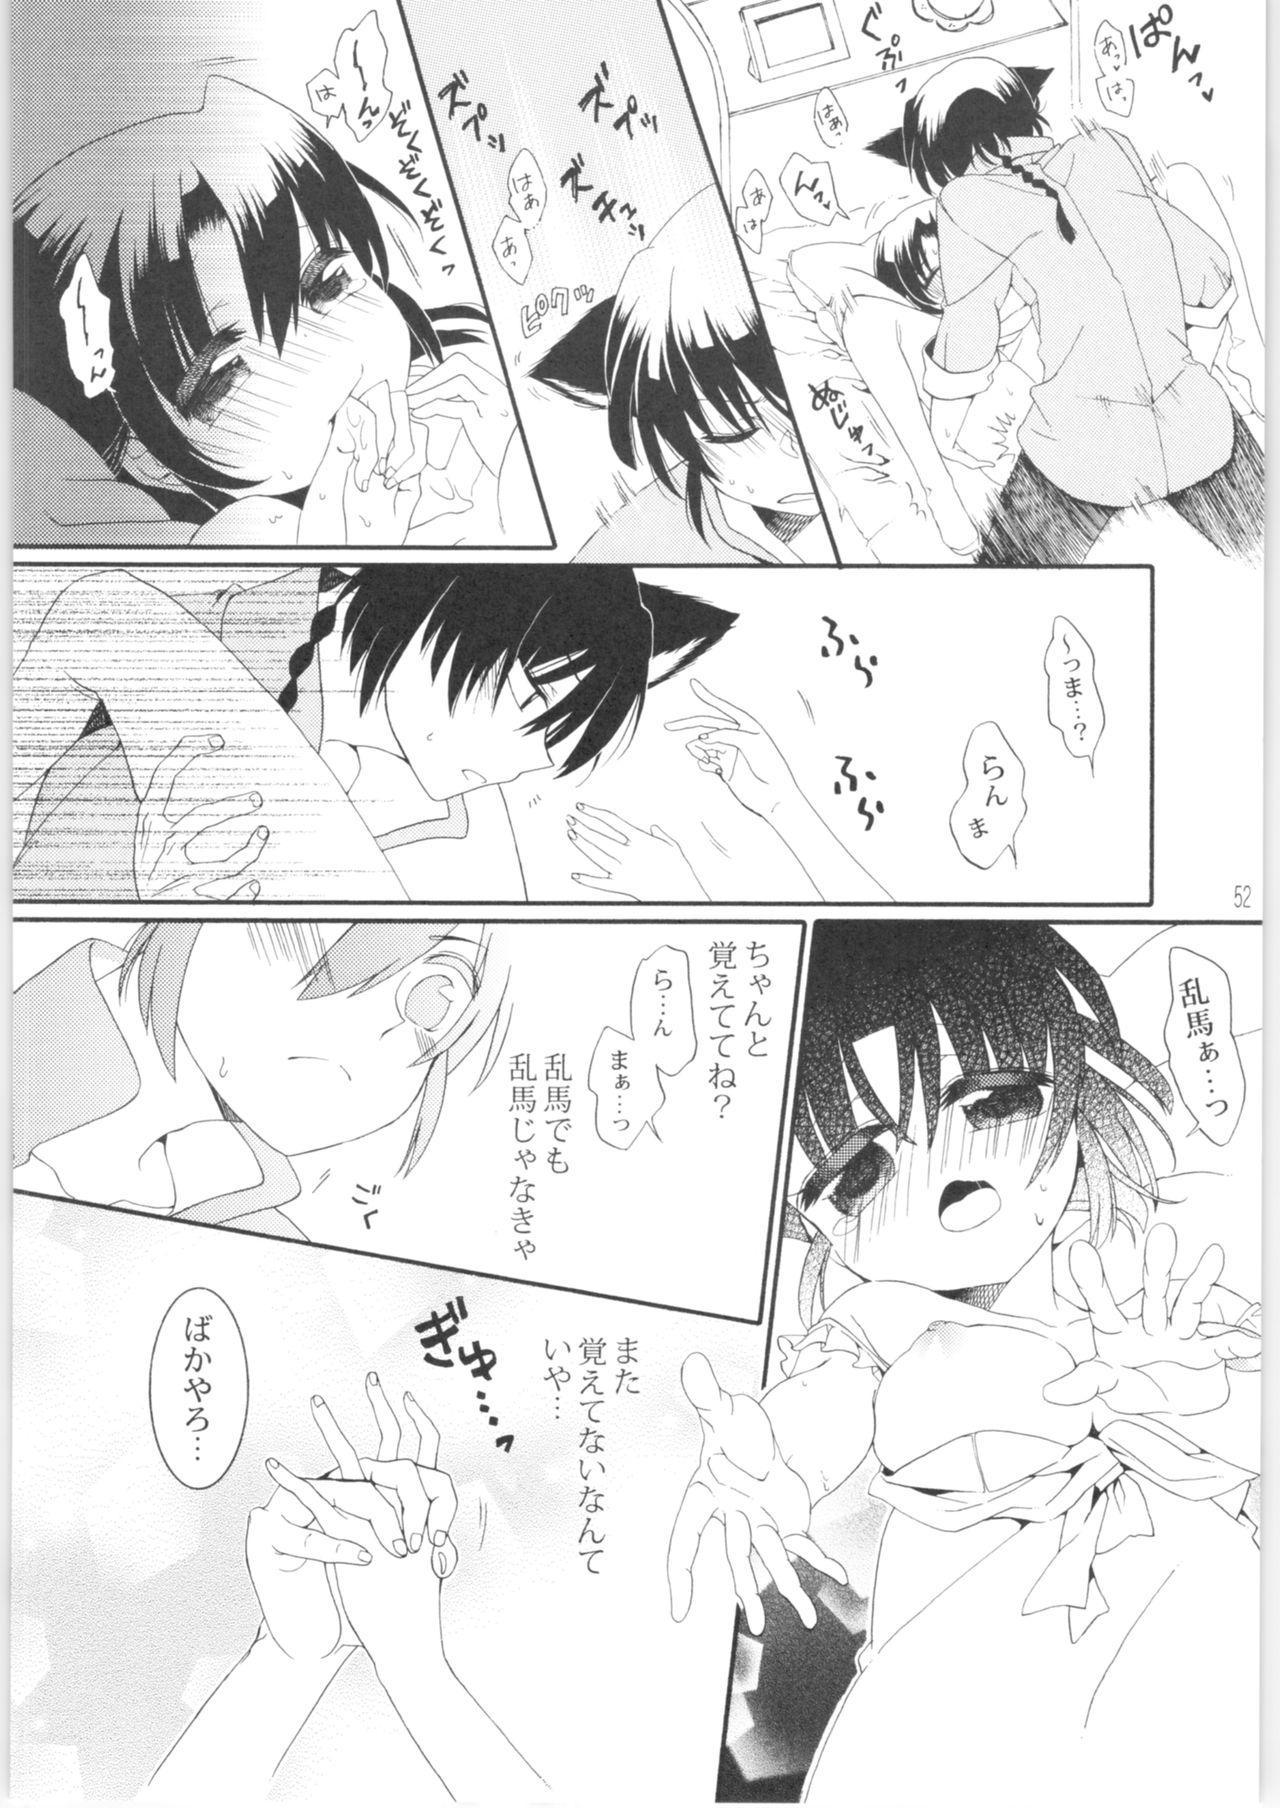 Iinazuke ga Neko ni Narimashite. 50